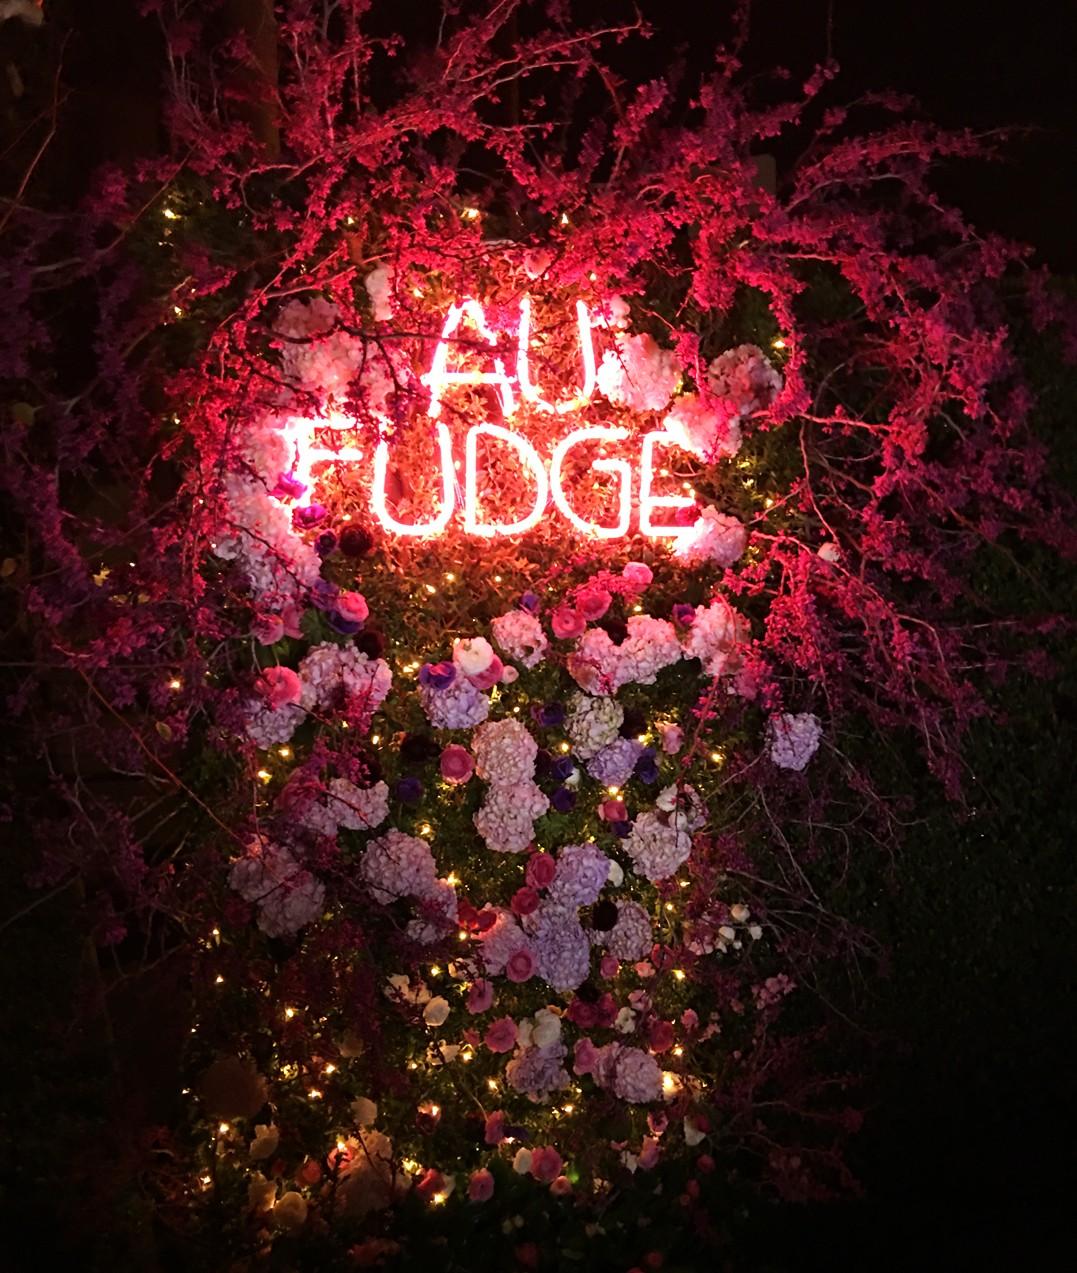 Au Fudge, opening